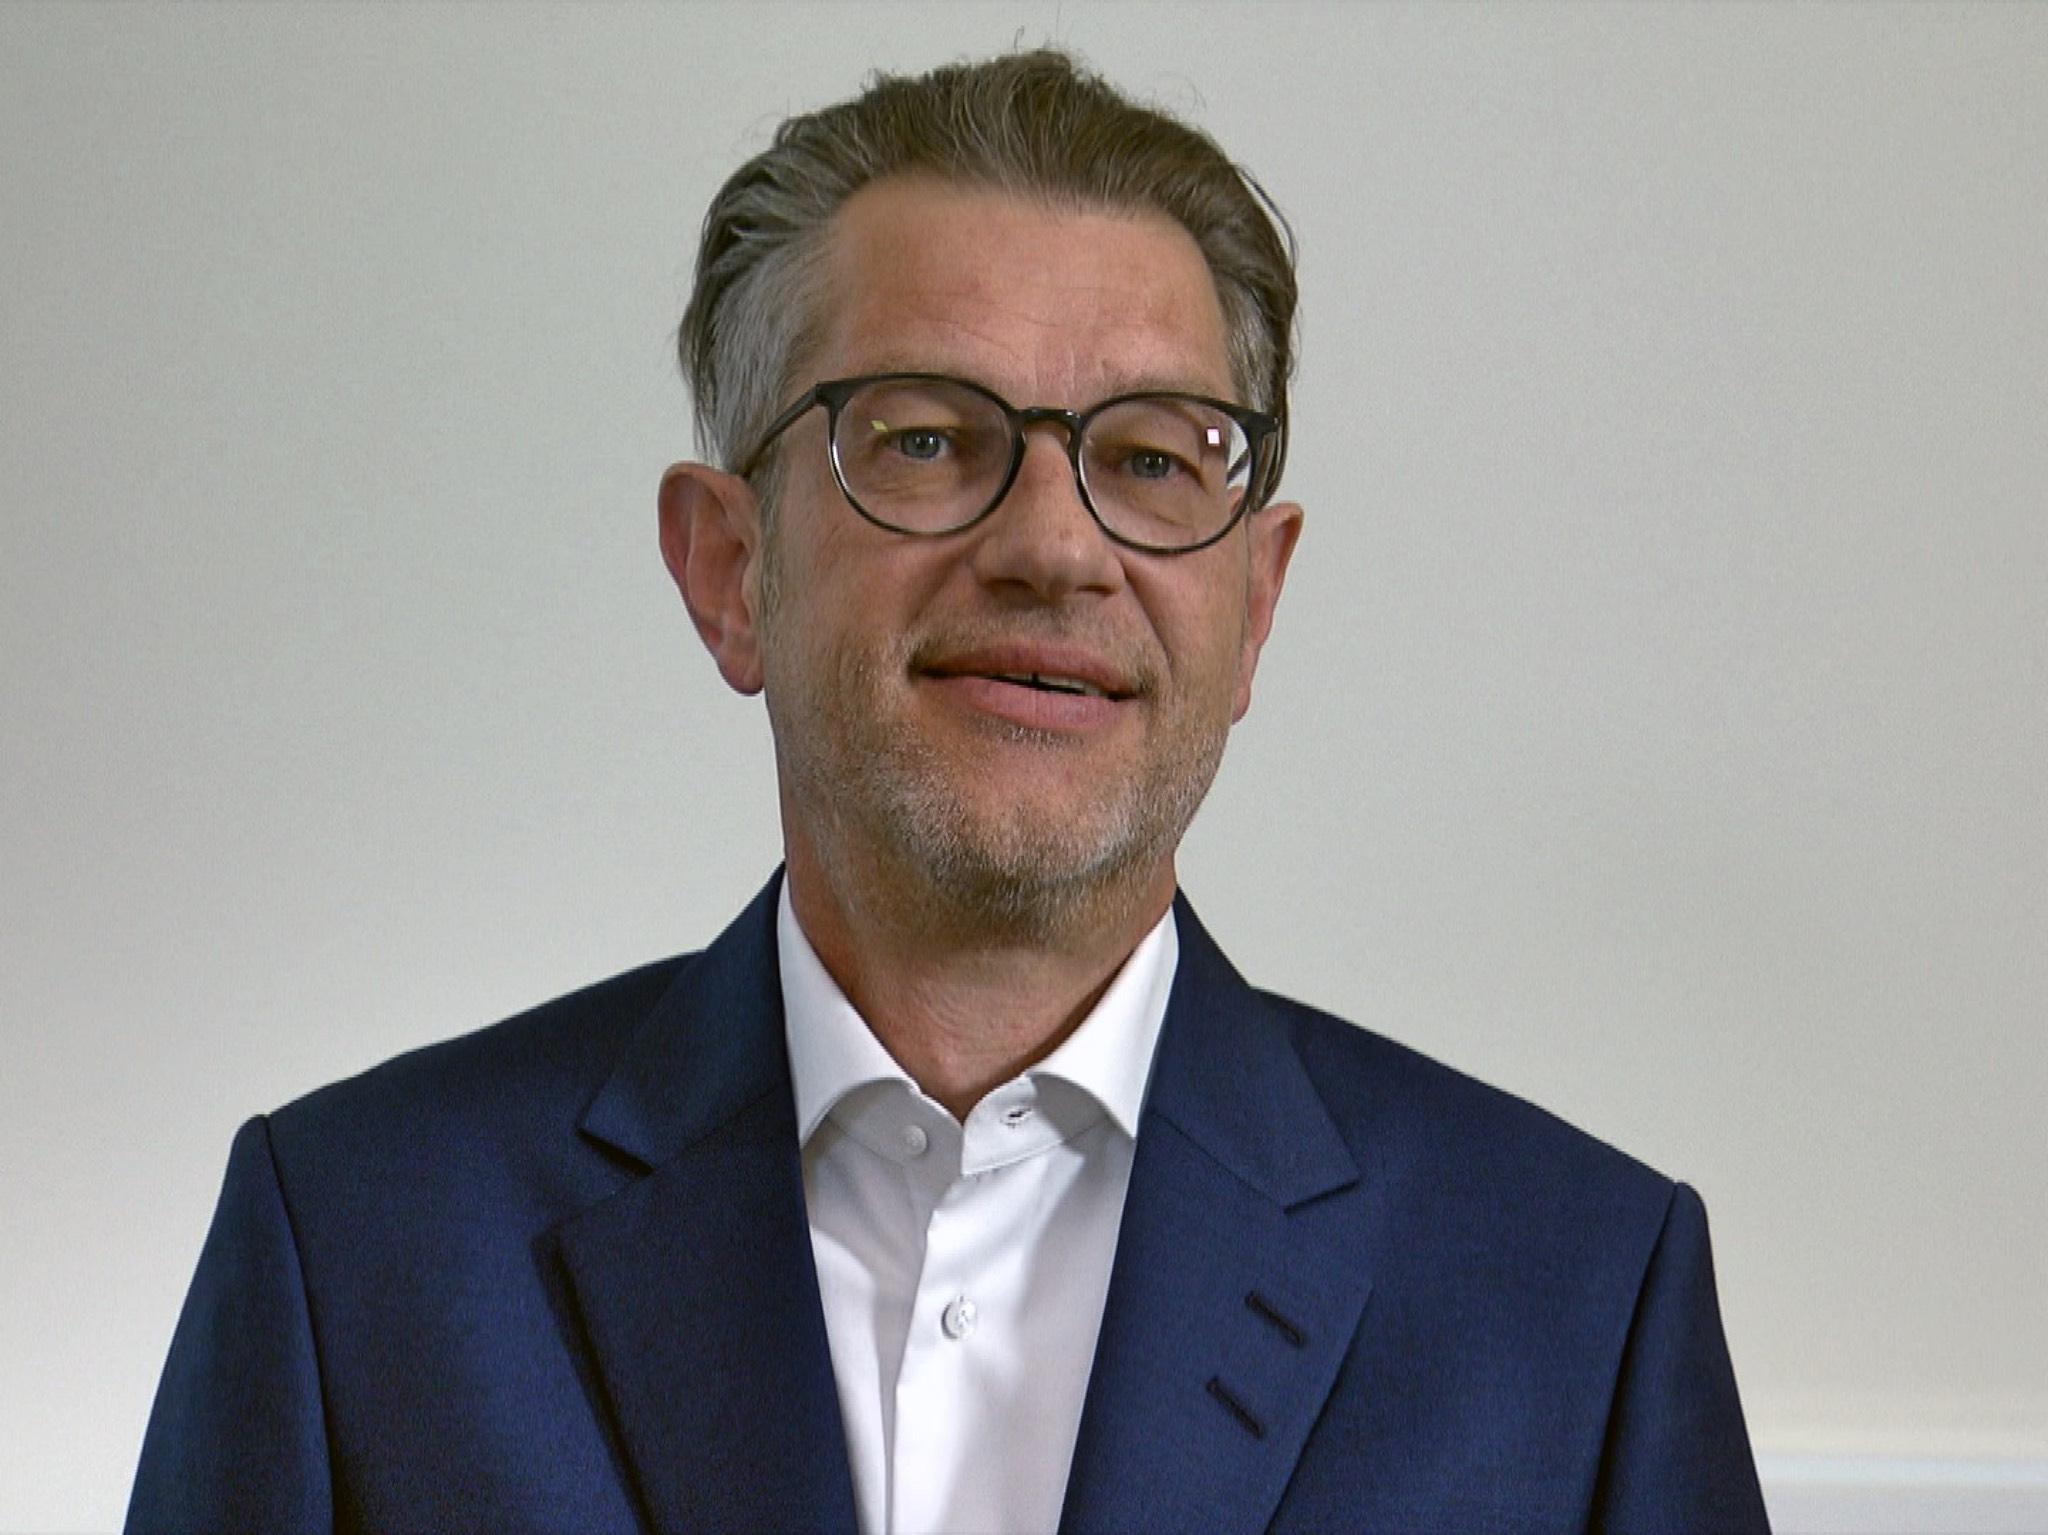 Thomas Weckerlein ist seit Oktober 2017 Mitglied des Vorstands der Rudolf Wöhrl SE. Foto:RTL